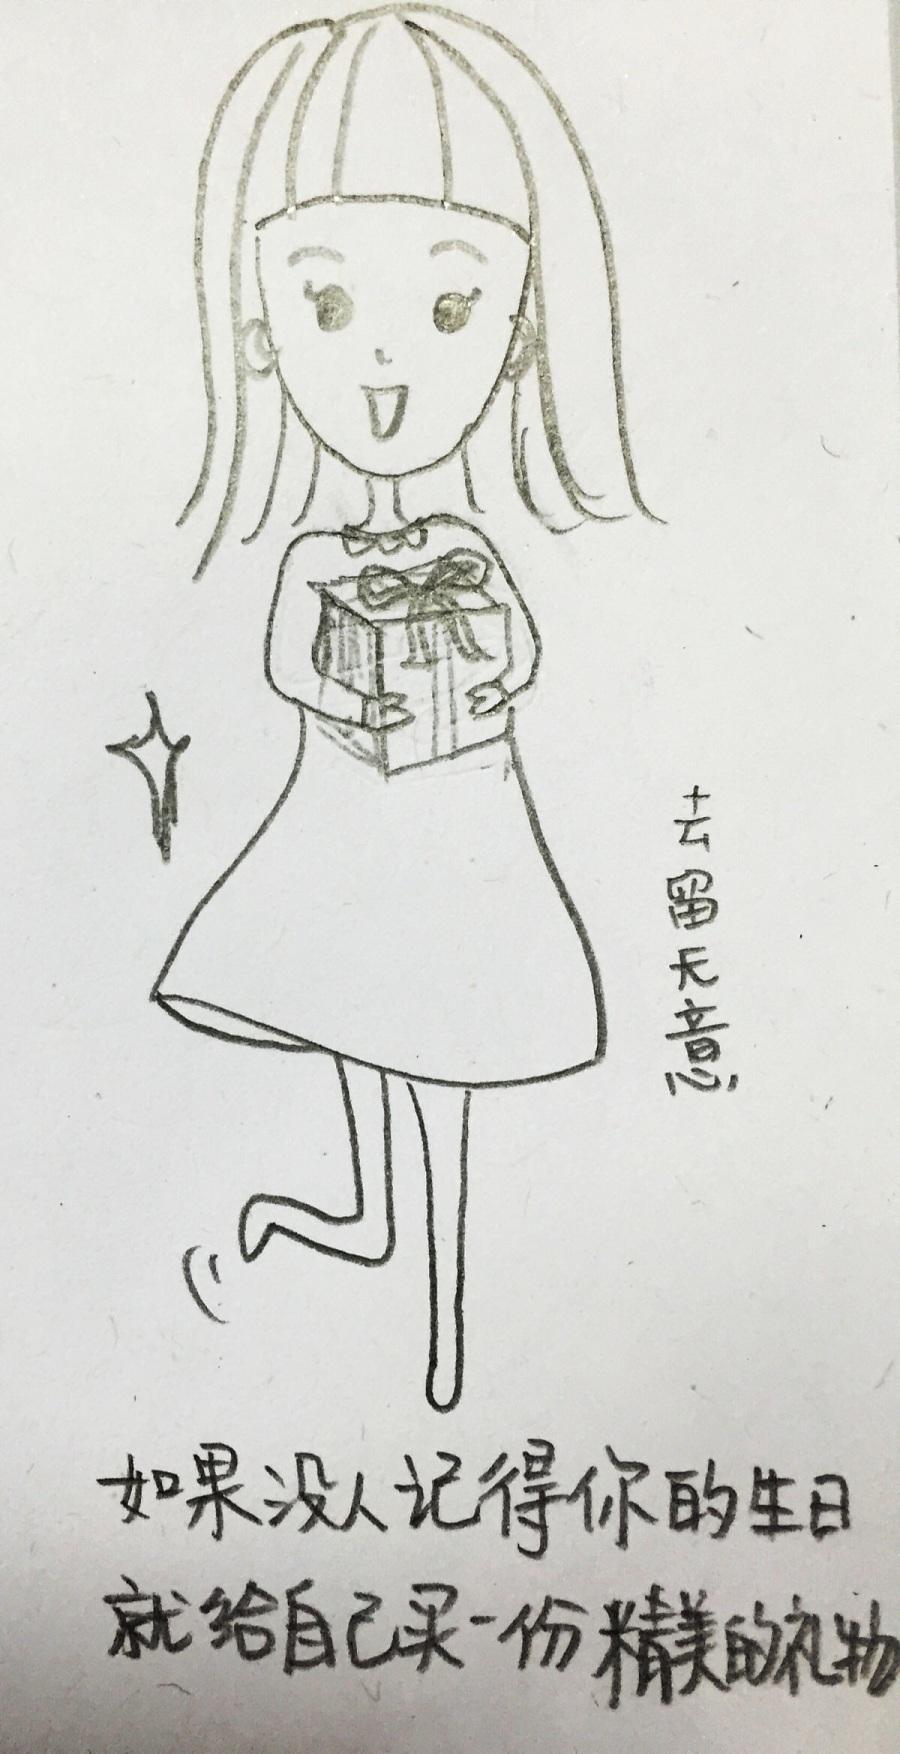 一套超可爱的小女孩简笔画,当壁纸太适合了!收藏好随时可用